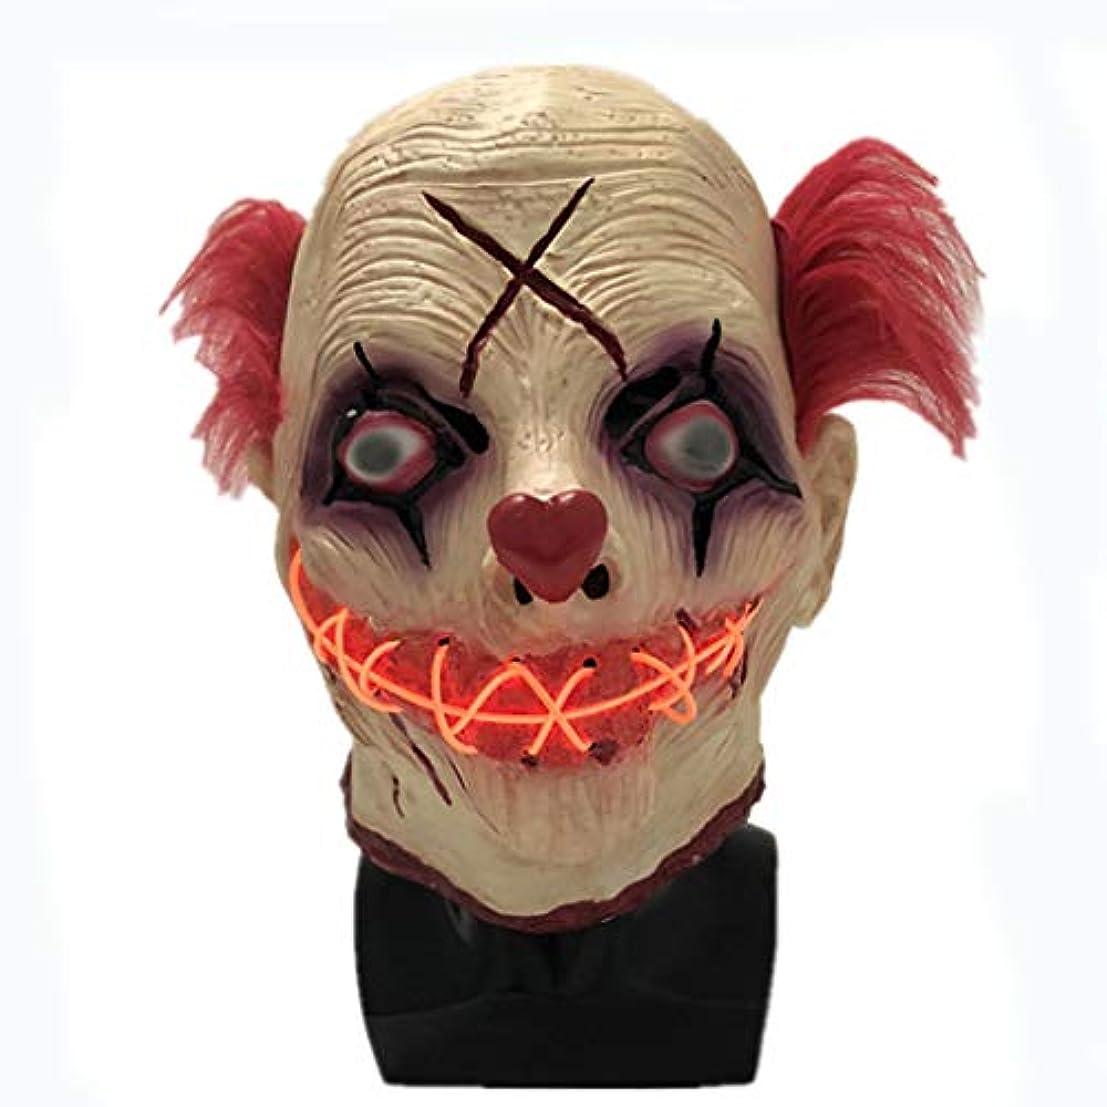 ハロウィンマスクLEDライトアップマスクグローイングマスク、コスプレハロウィン